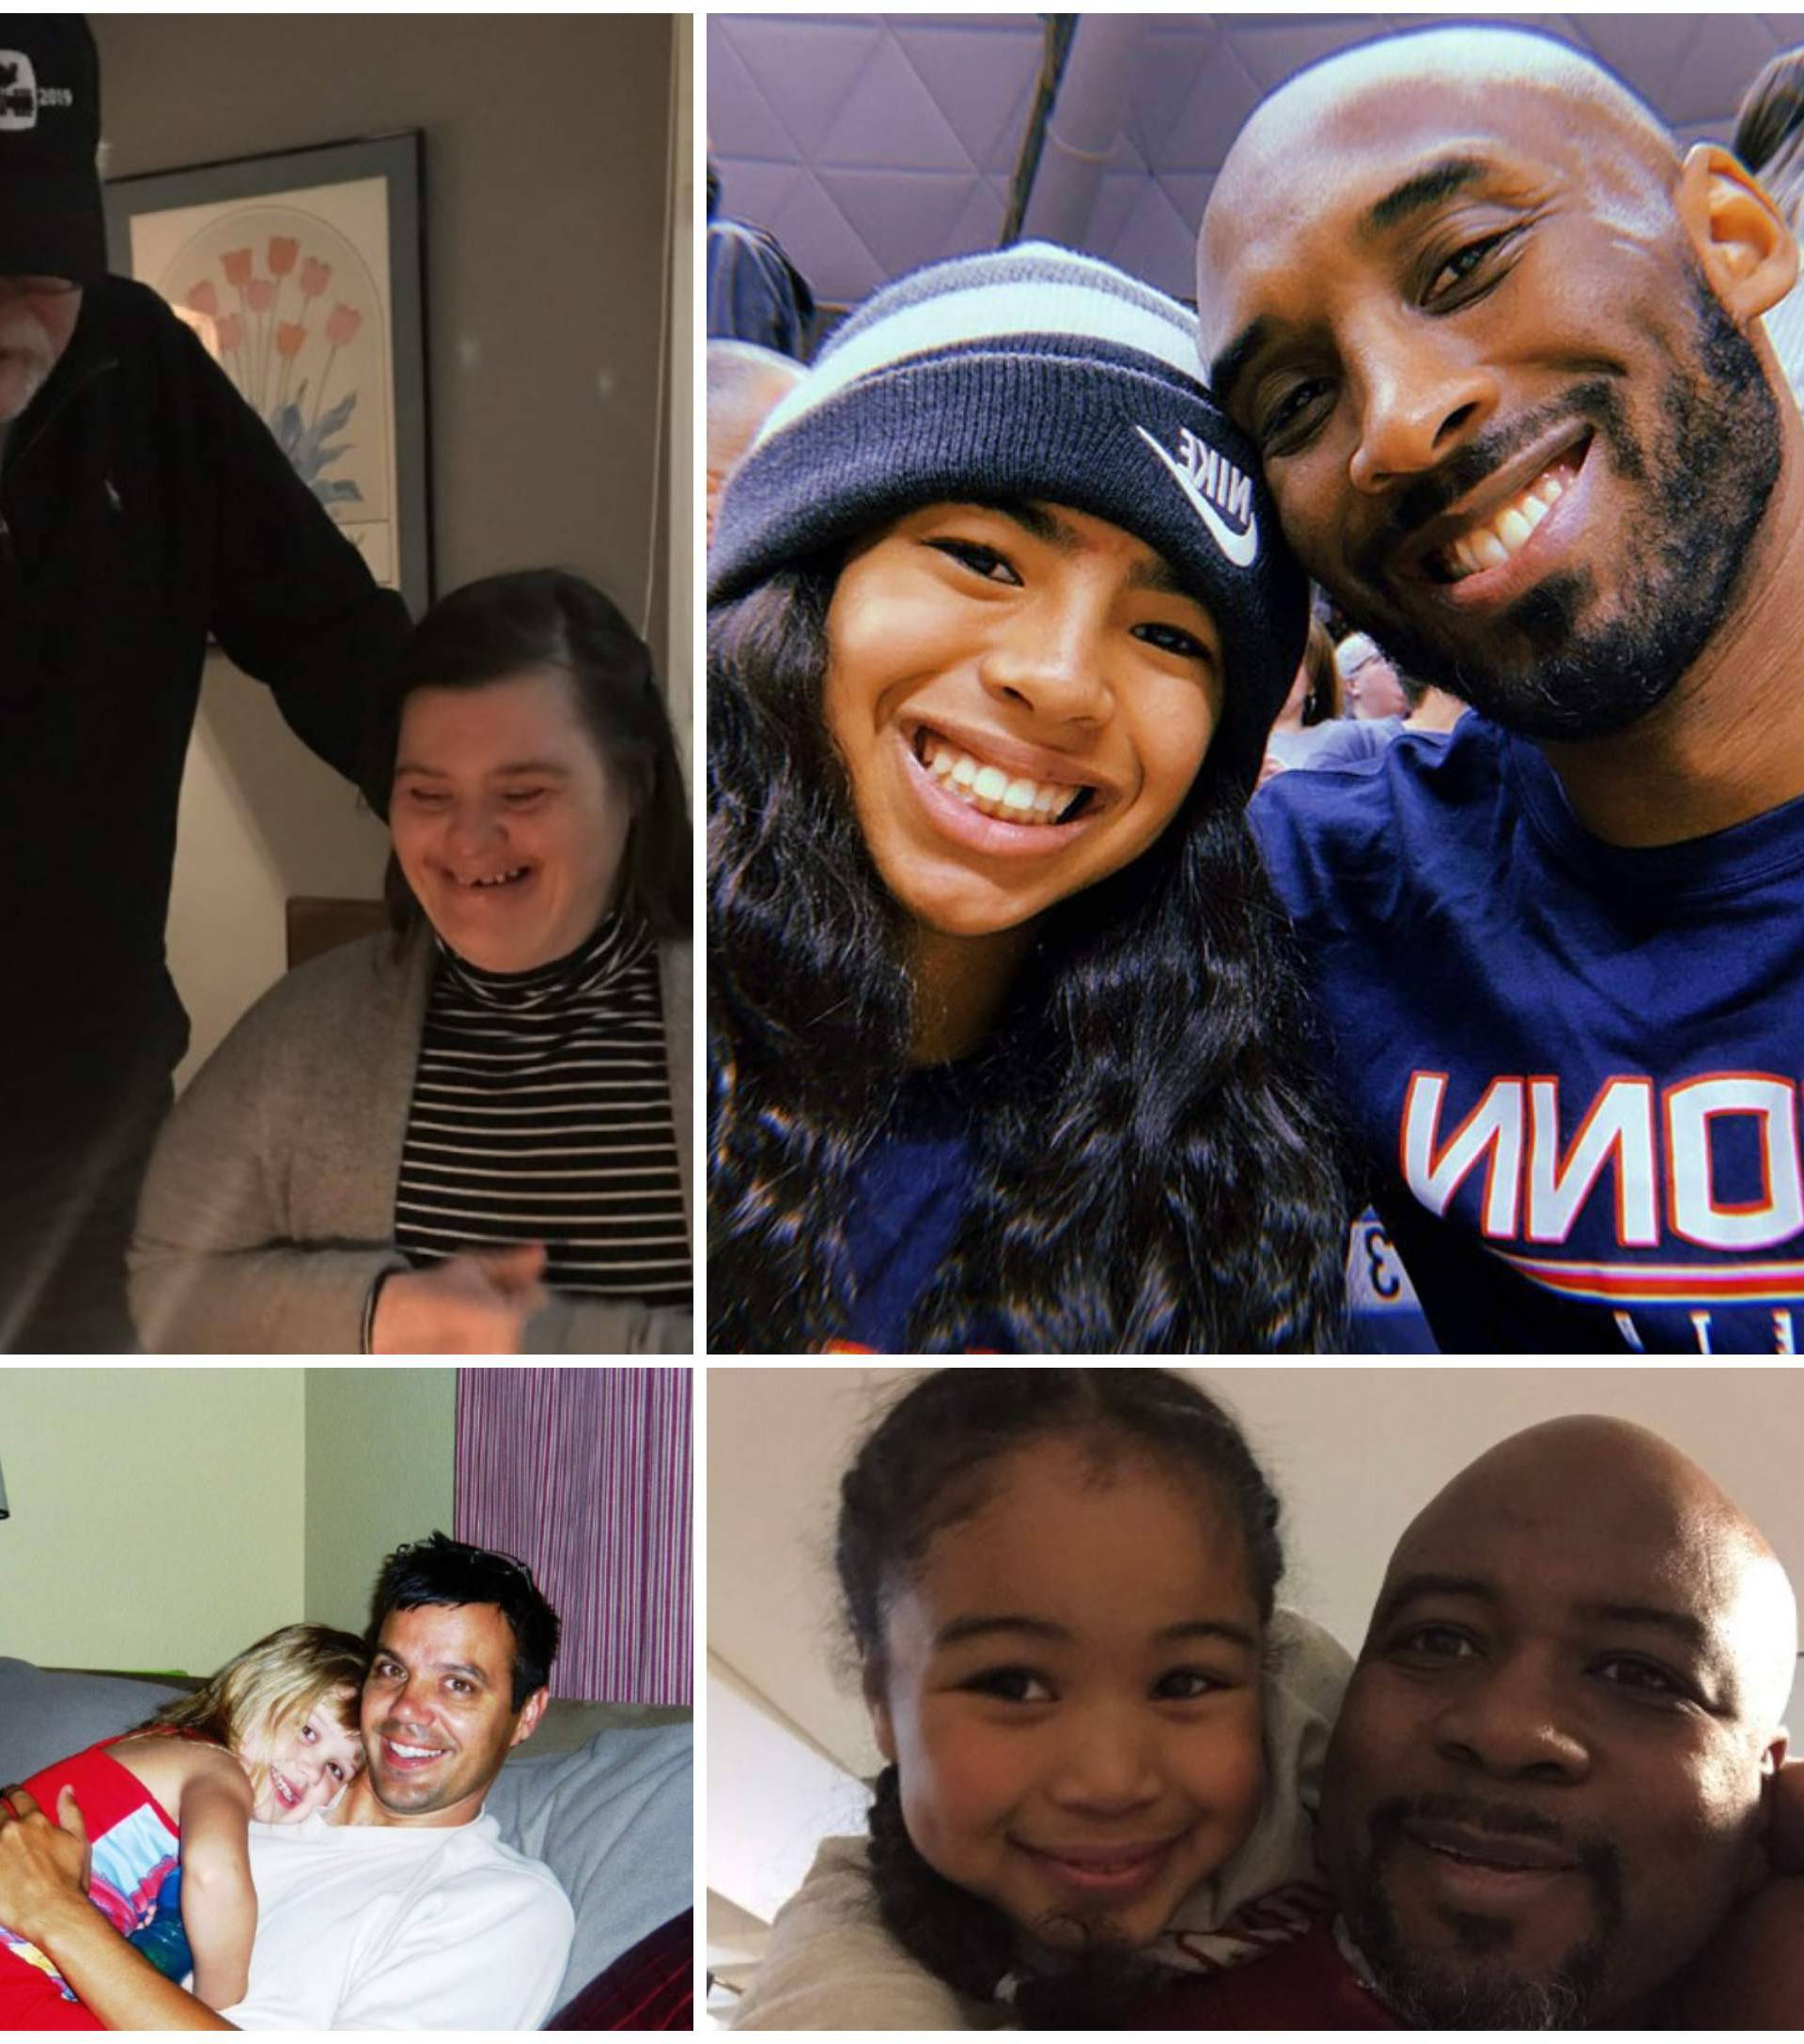 'Ponosni smo očevi djevojčica': Tate odaju počast Kobeu i kćeri